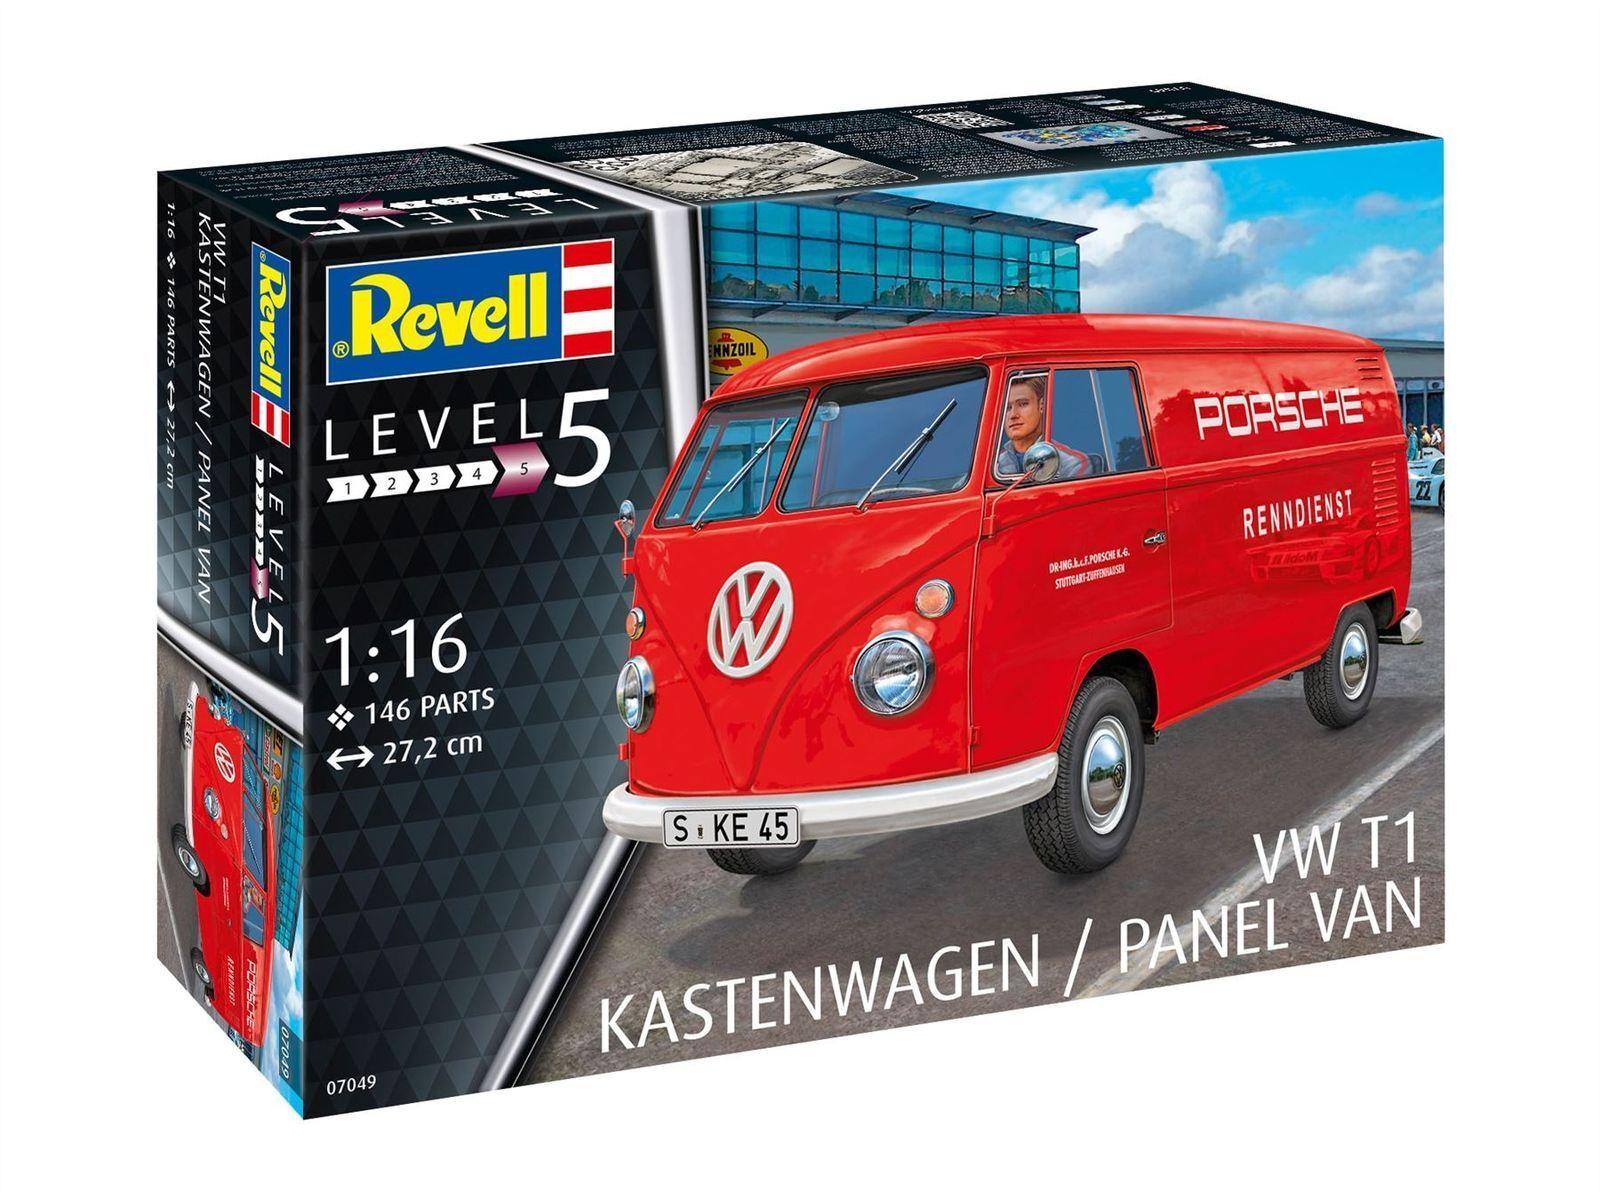 REVELL VW T1 Kastenwagen 1 16 Model Kit 07049